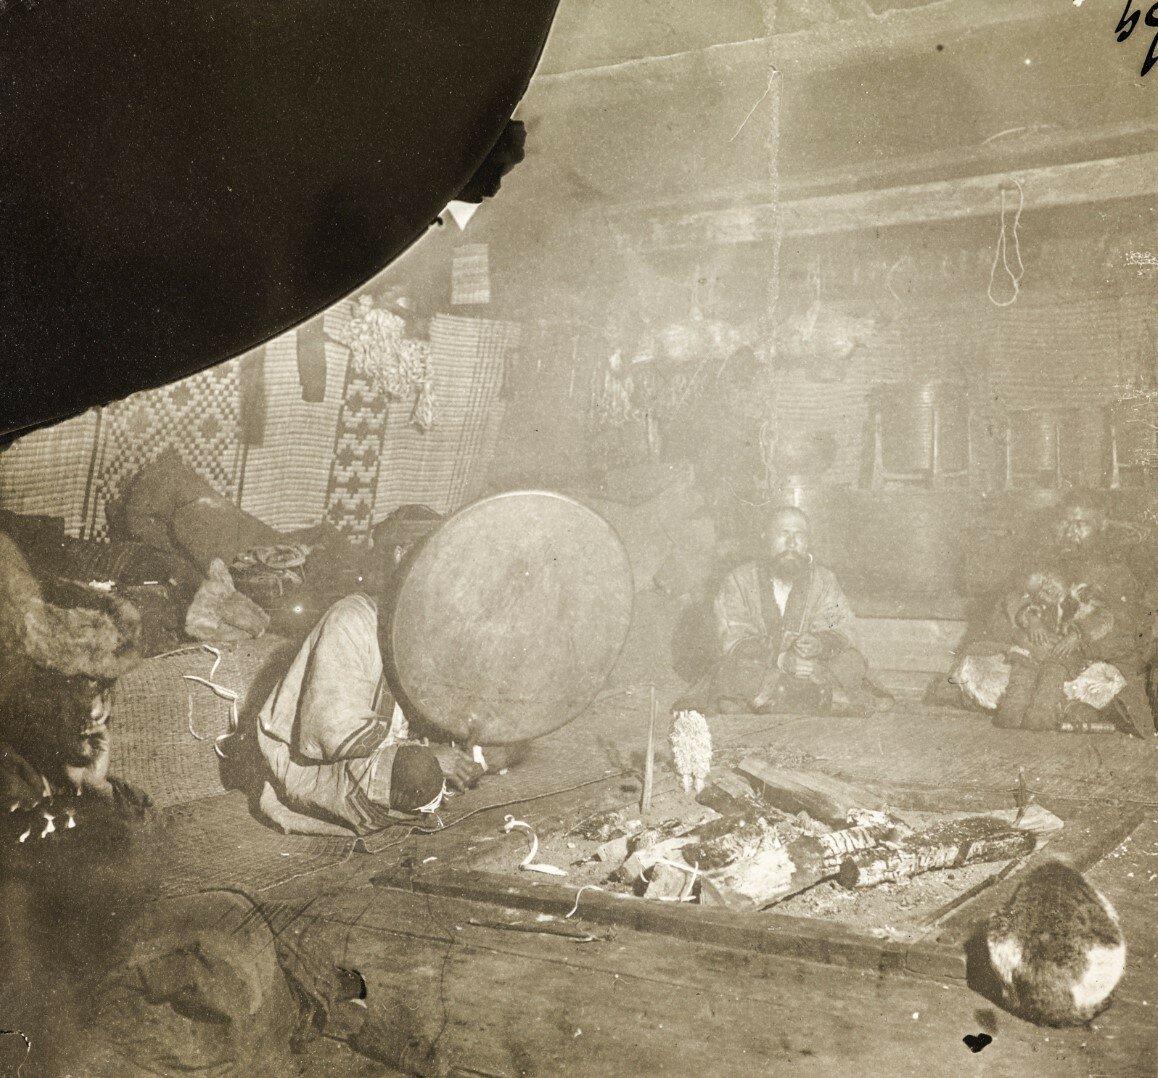 Шаман и айны, сидящие вокруг костра